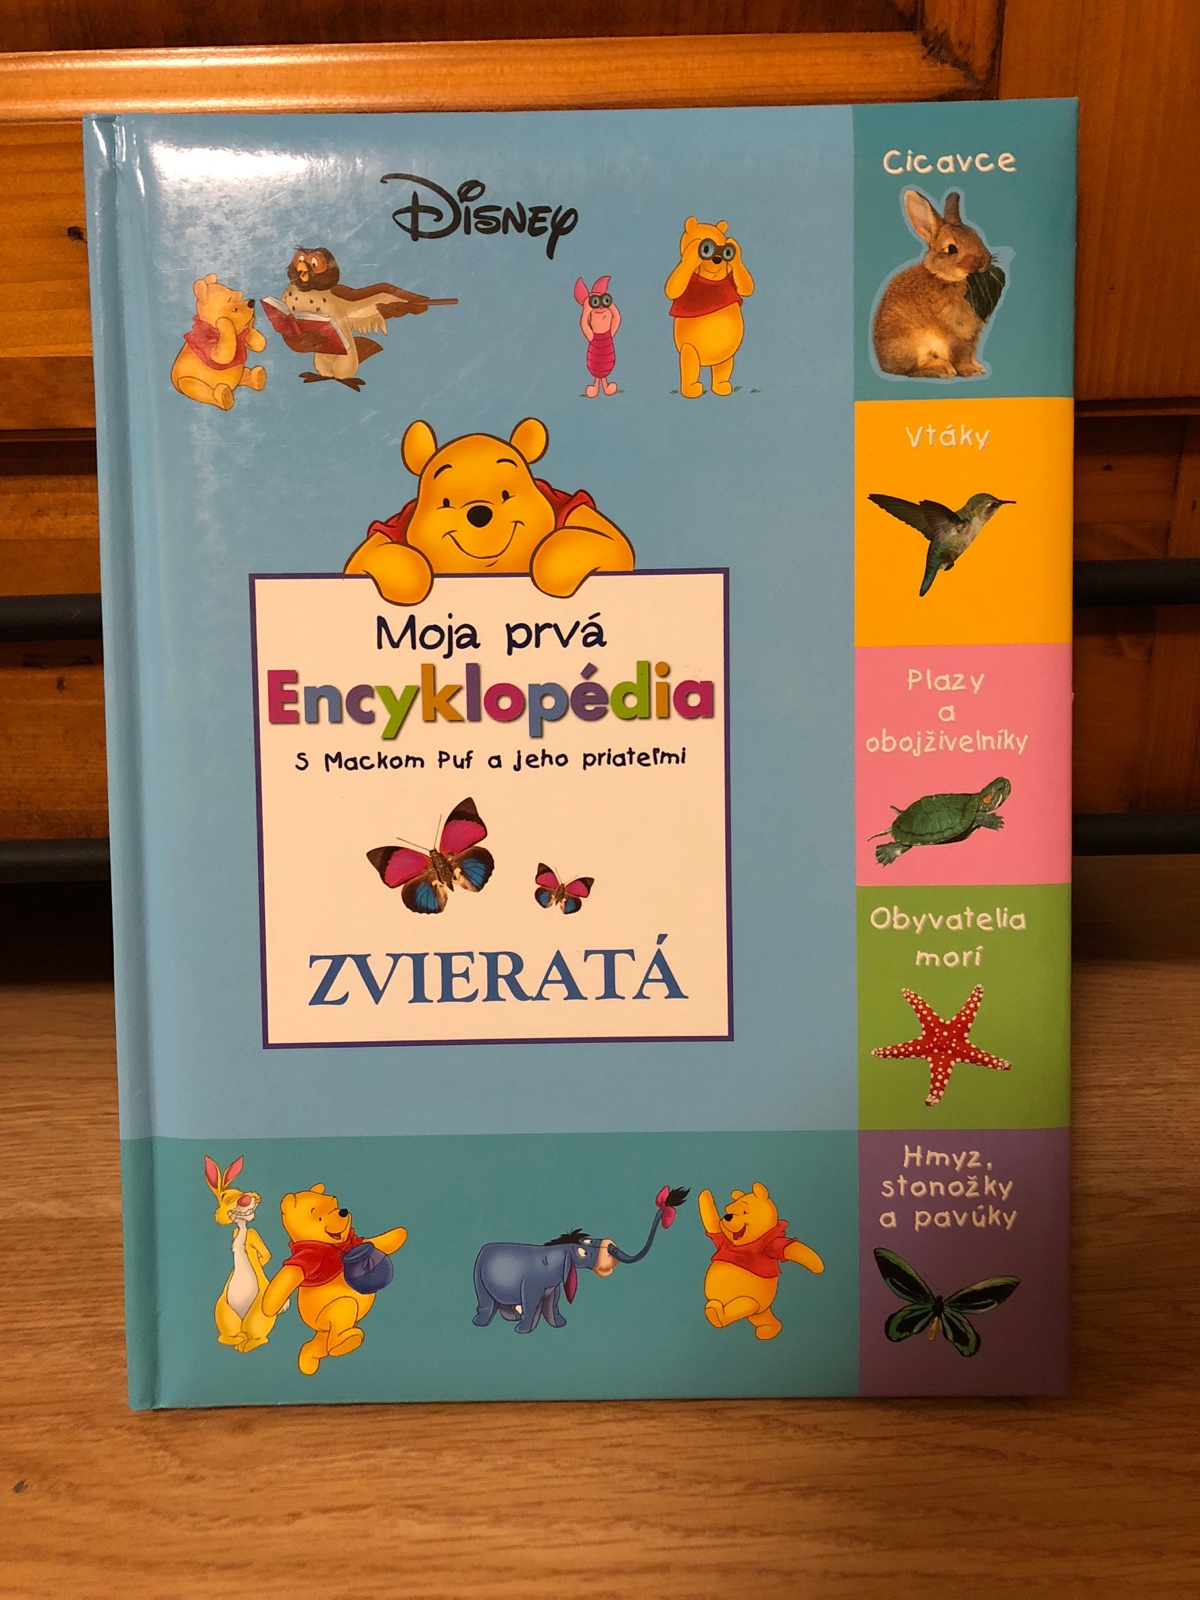 Moja prvá encyklopédia - zvieratá 005694312c4